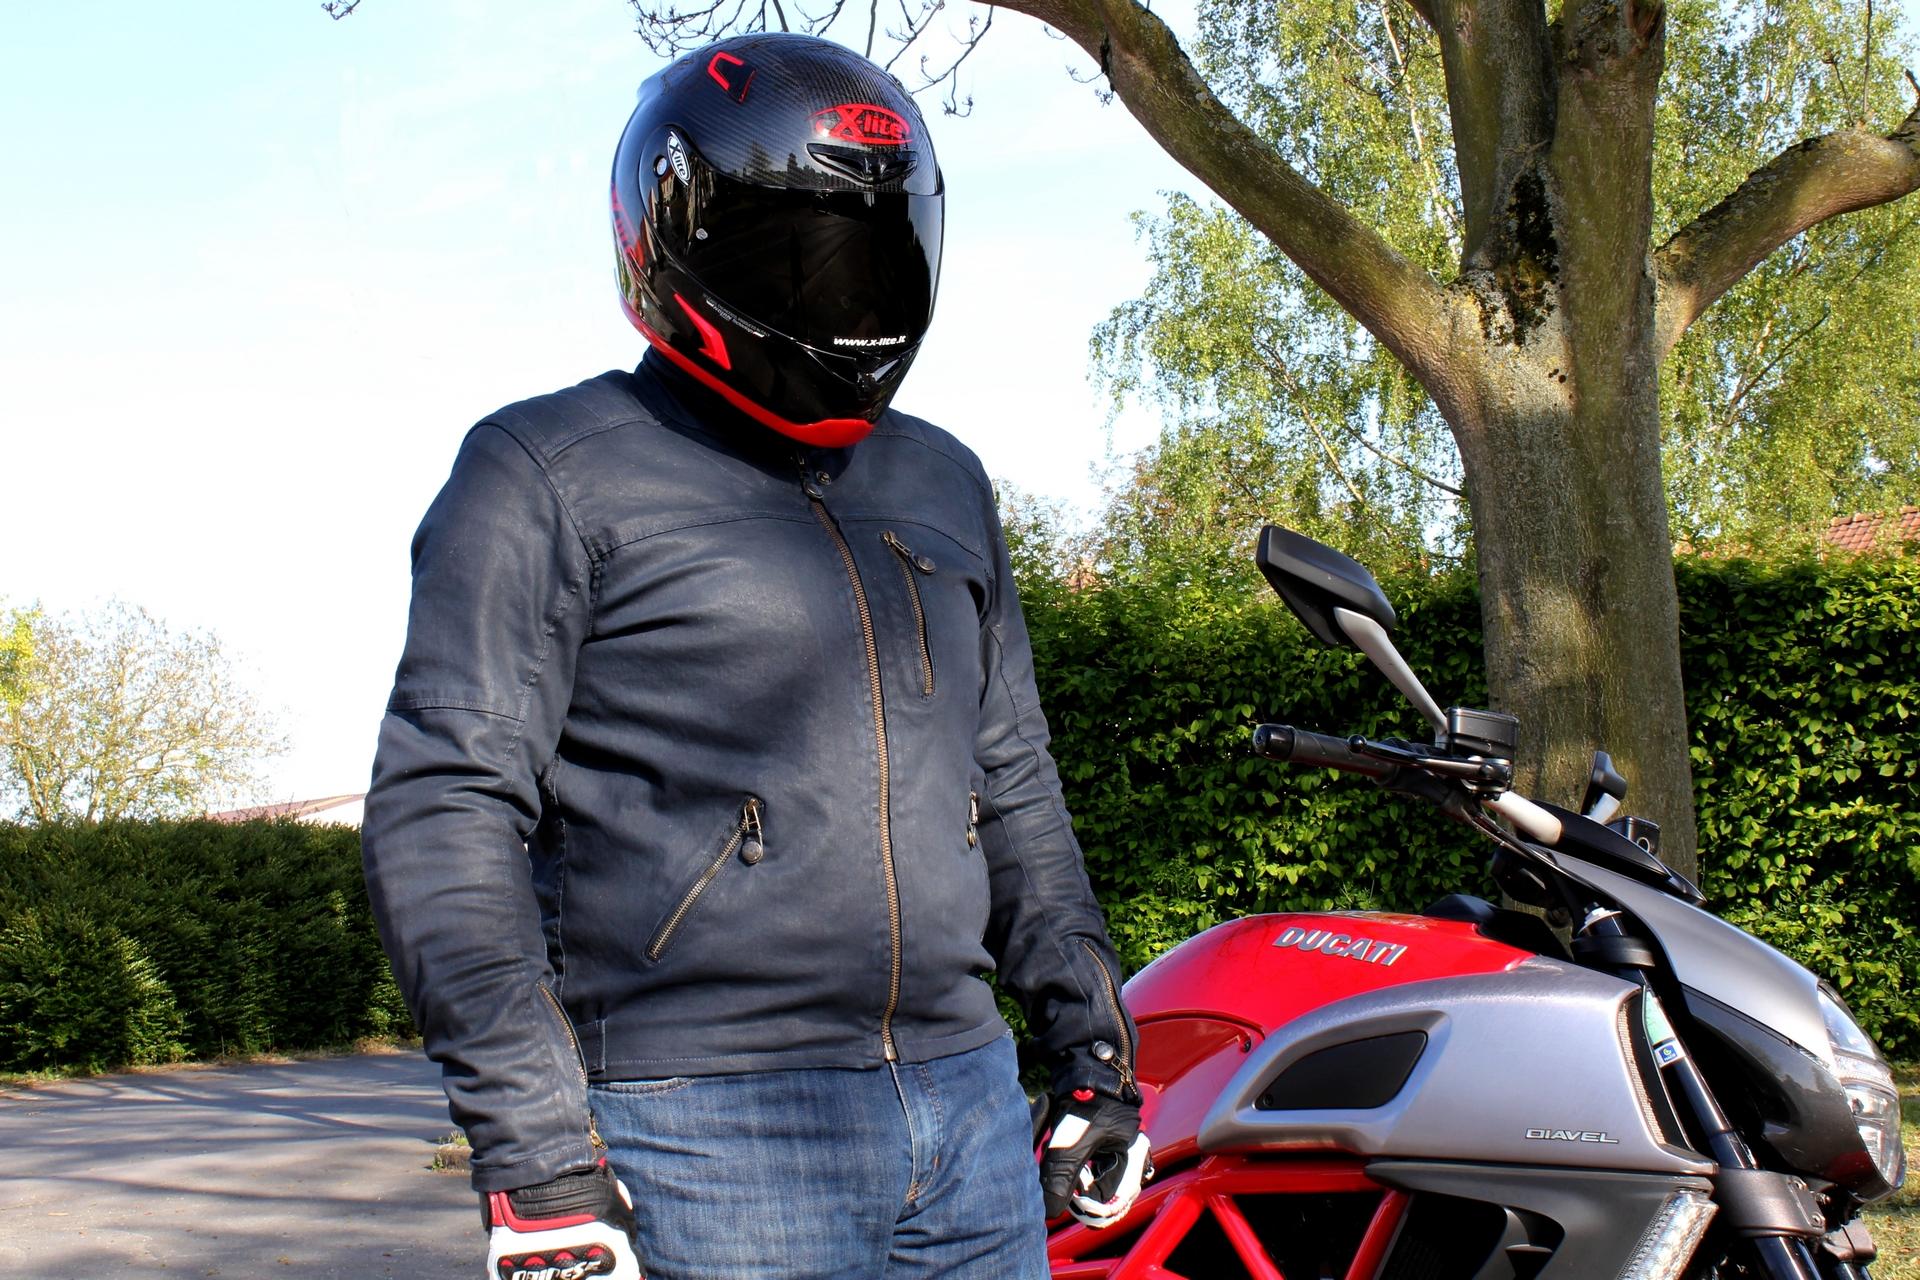 Vista frontal de la Overlap Garry, una chaqueta para moto moderna y discreta